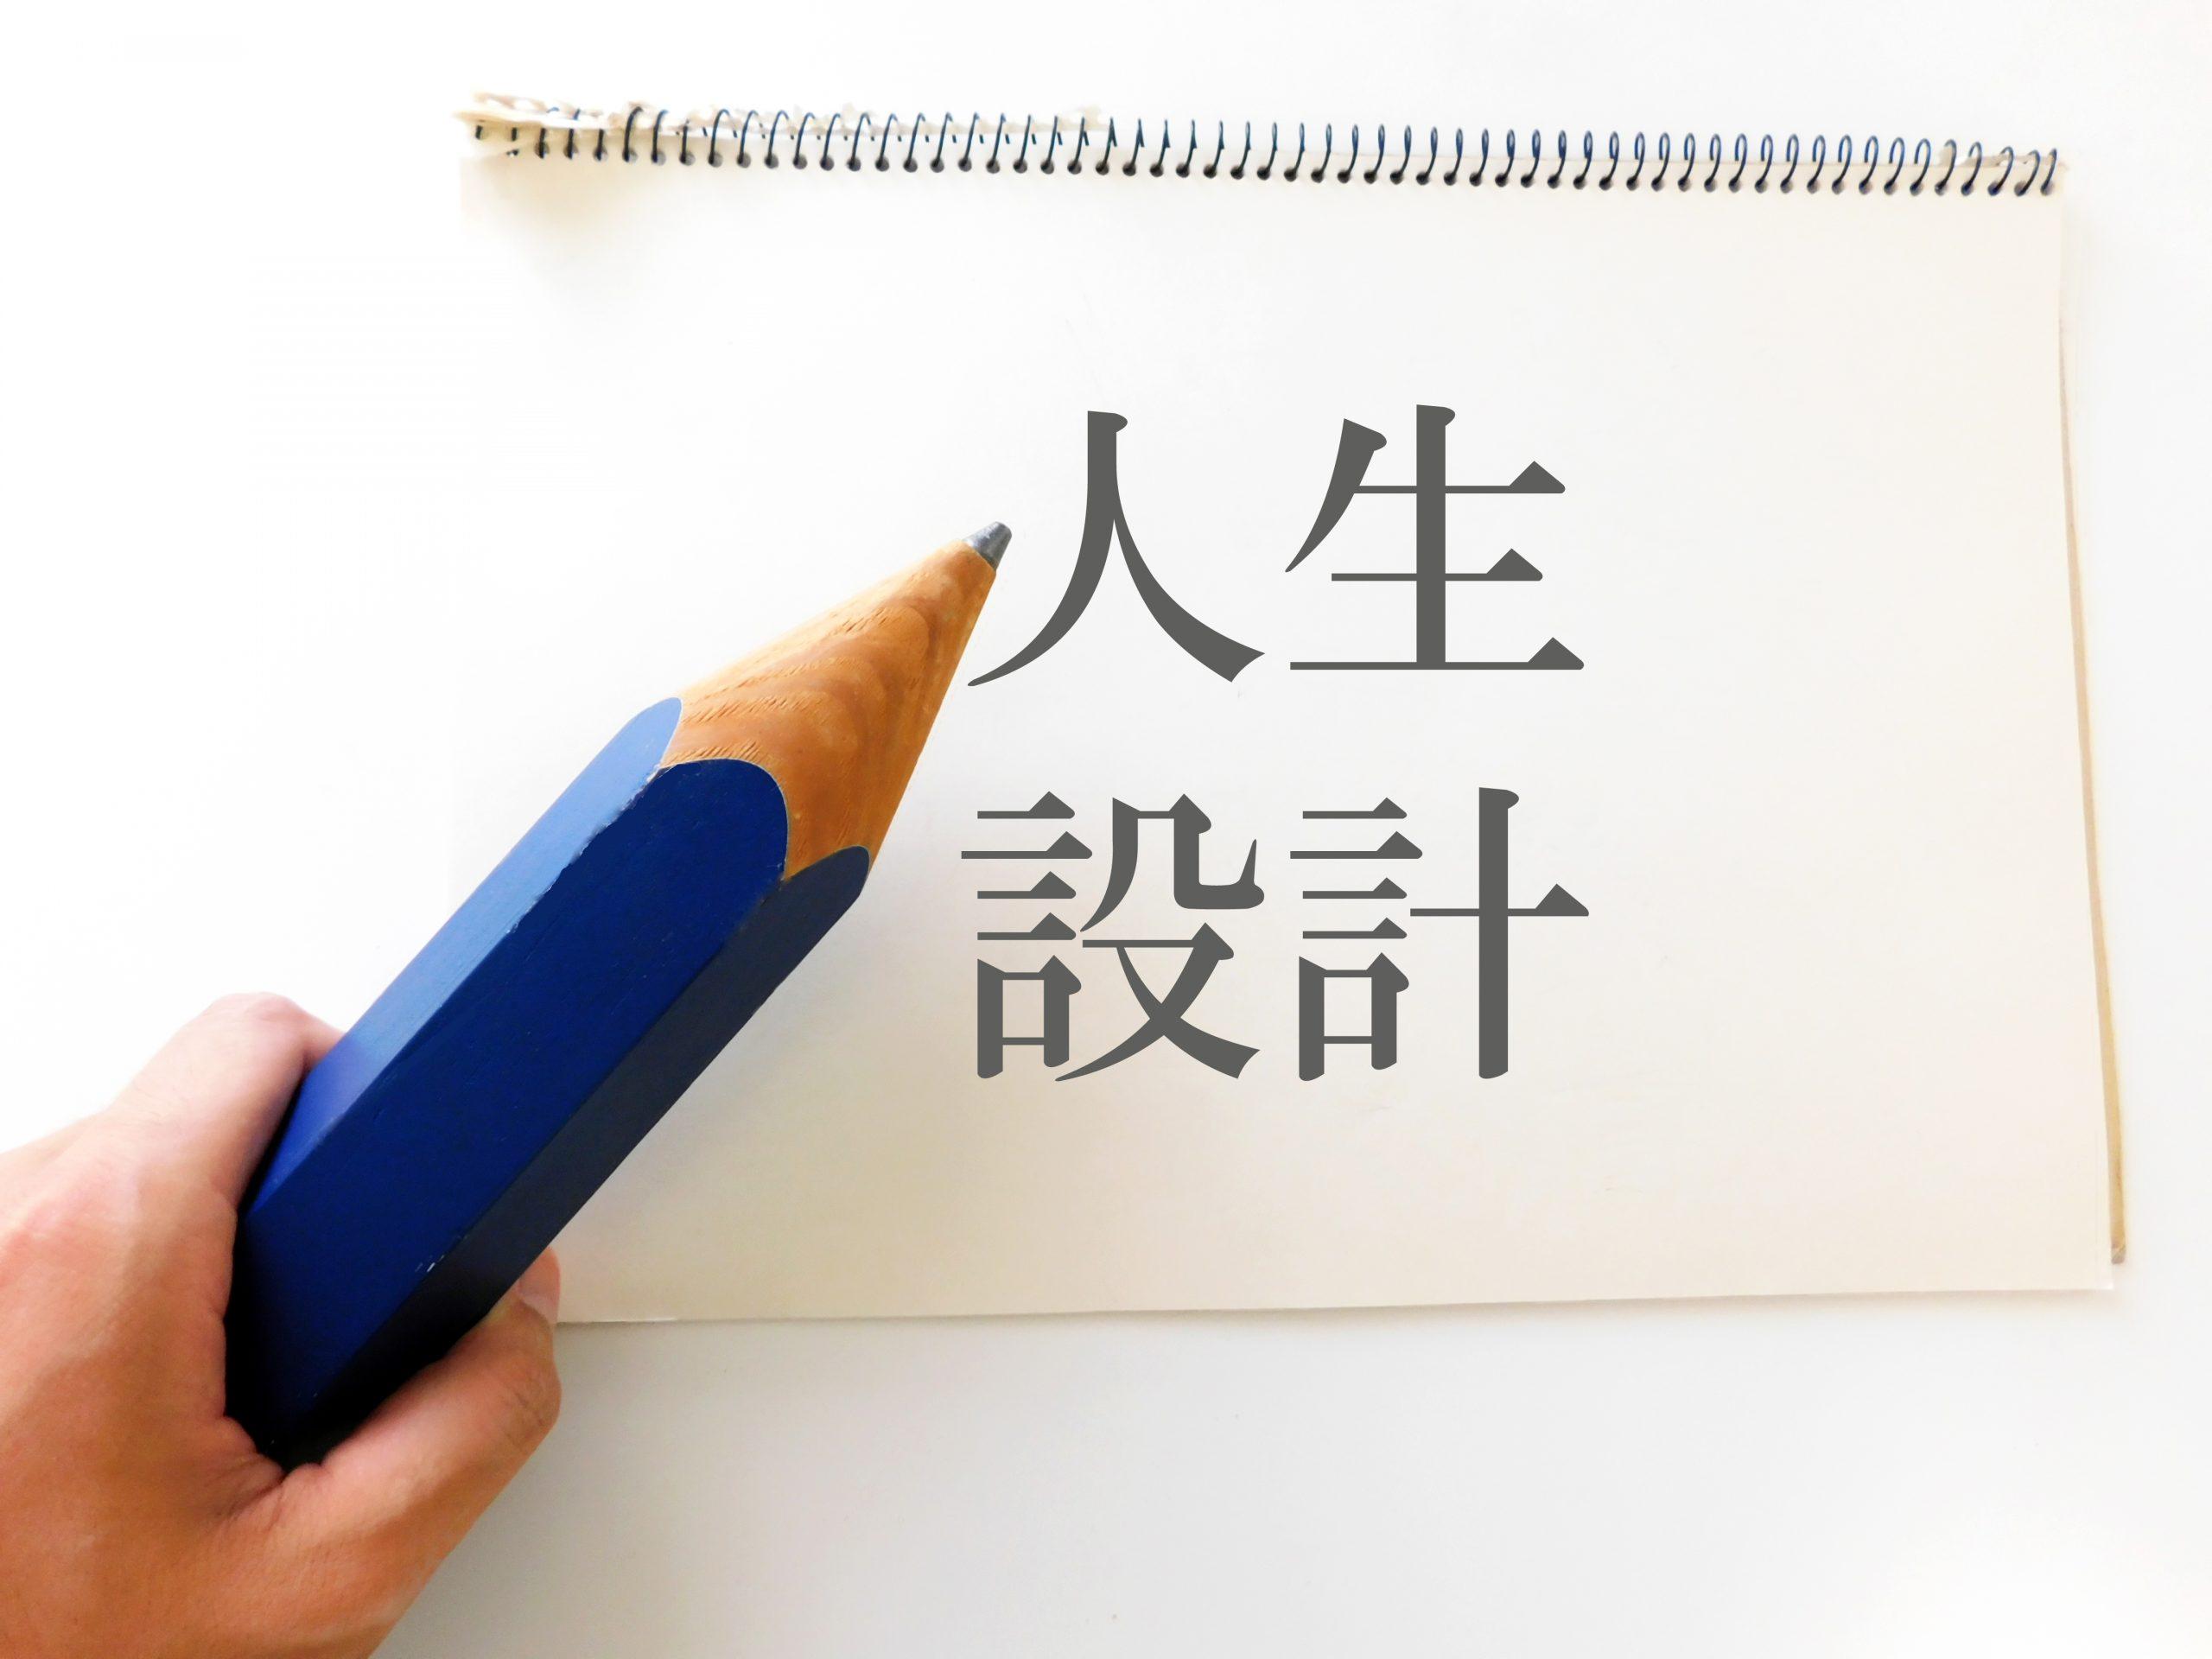 メジャー大谷翔平が使う目標達成の技術「原田メソッド」とは?自立型人間を目指そう!